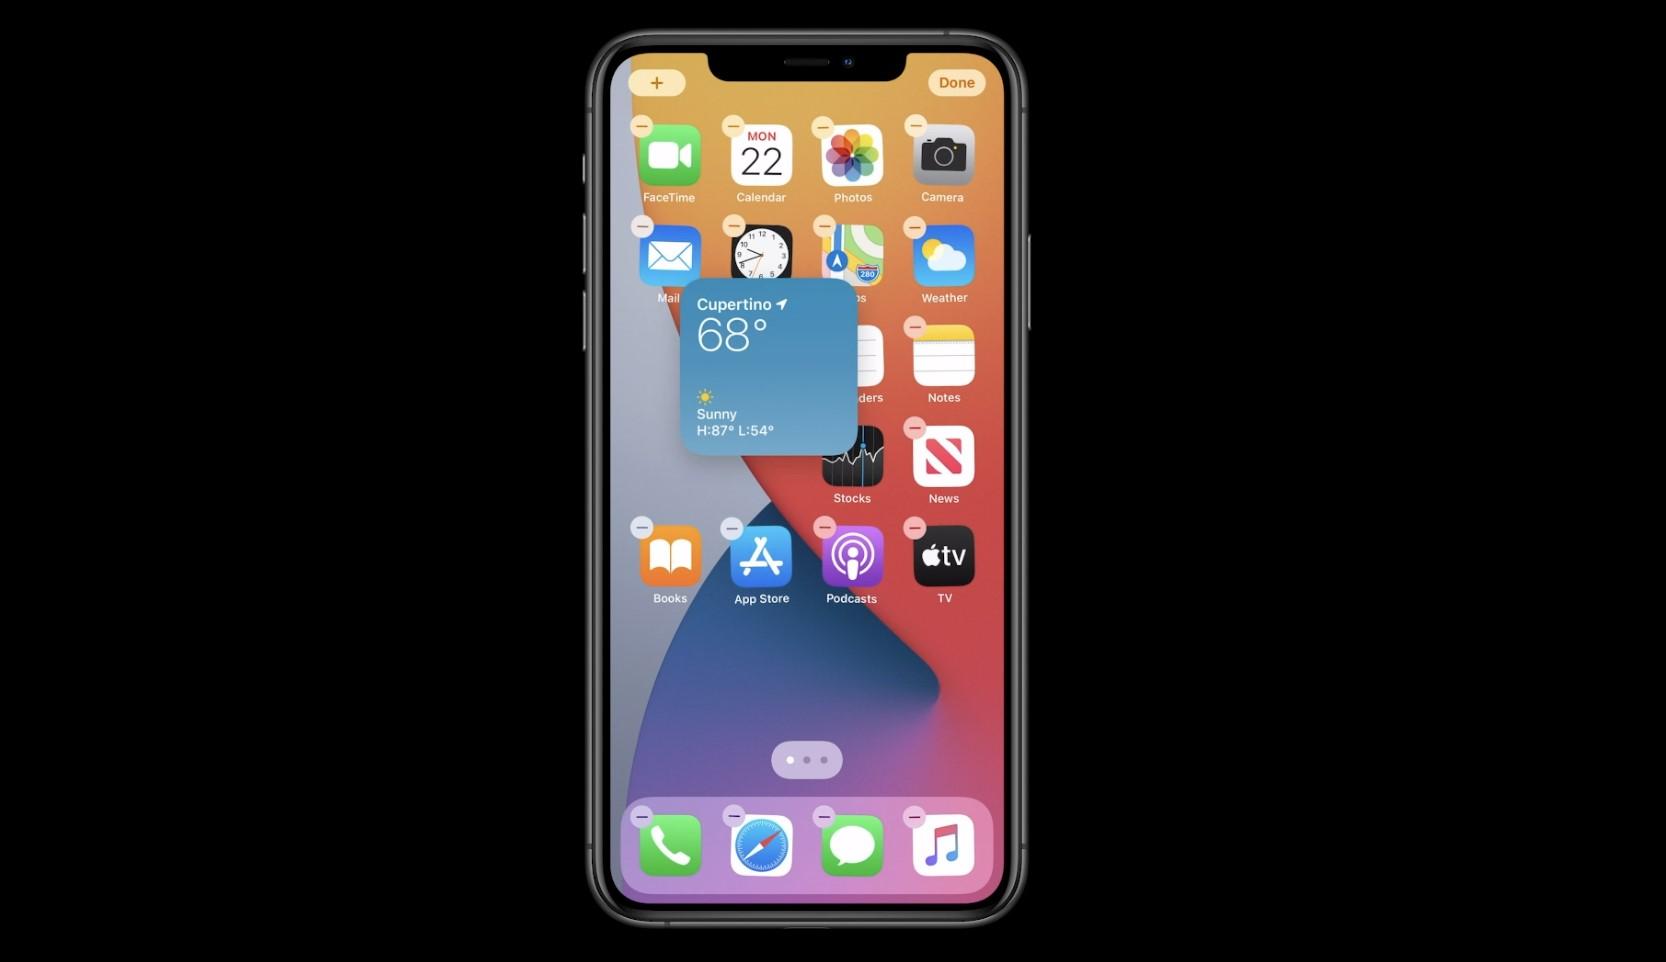 Apple iOS 14. erakutsi 14. Mahaigaineko widgetak iPhones aldatuko dira